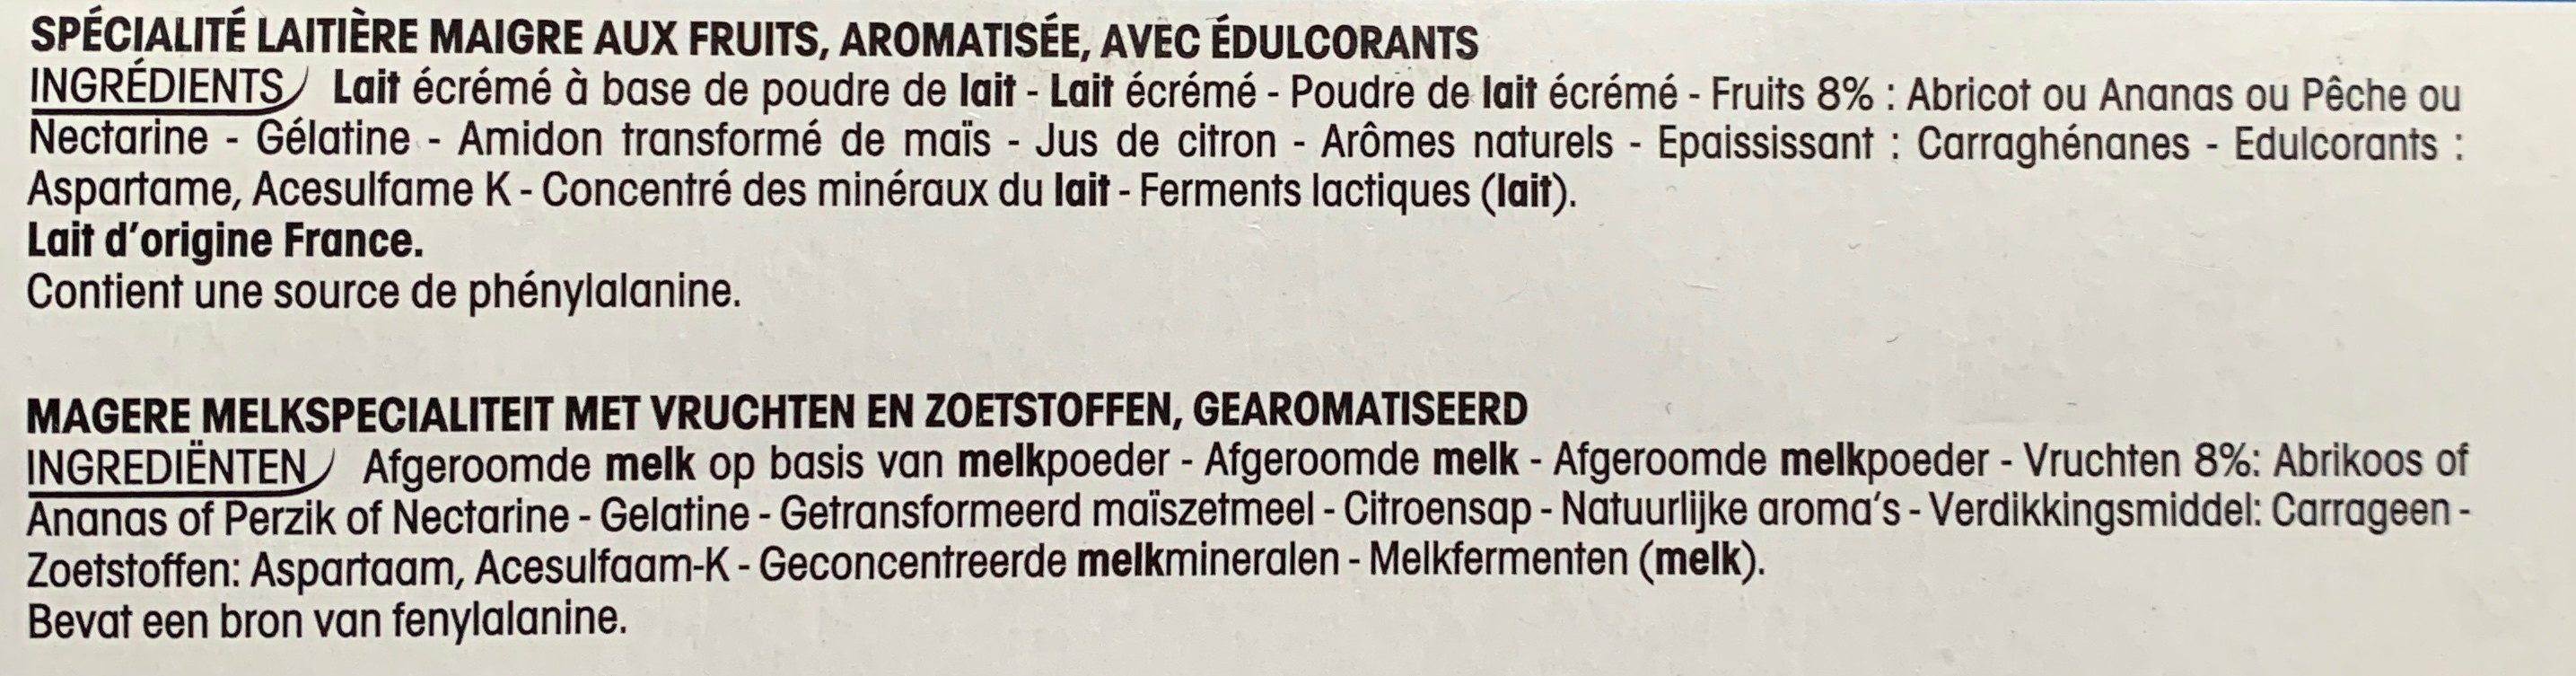 Paniers de Yoplait Aux Bons Fruits 0% mg - Ingredients